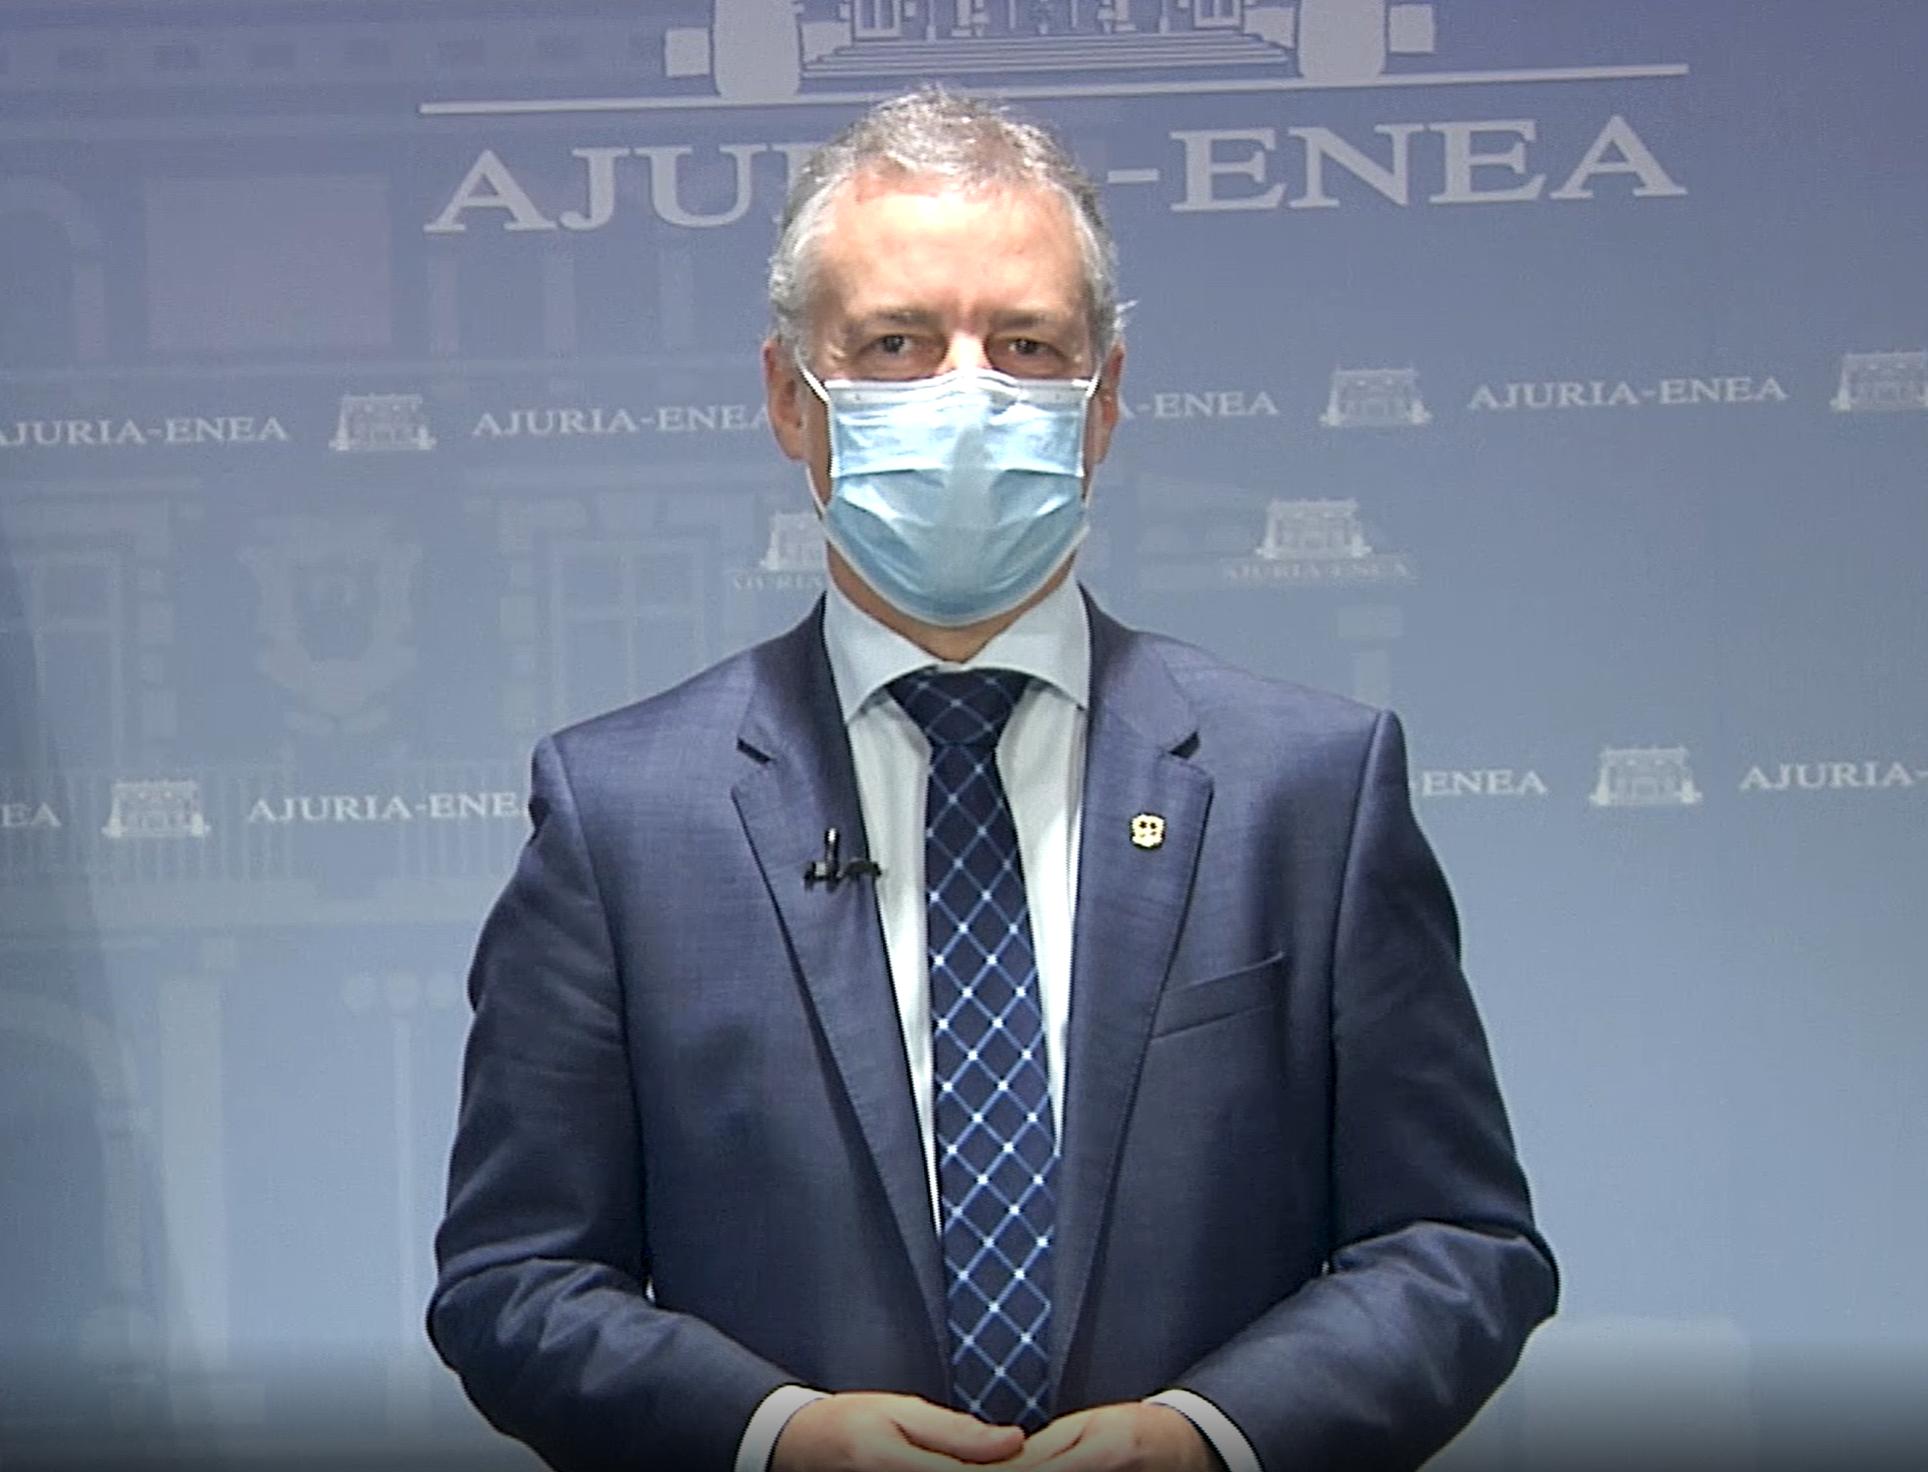 """El Lehendakari pone a """"la persona"""" en el centro de las políticas públicas en estos momentos de pandemia [0:00]"""